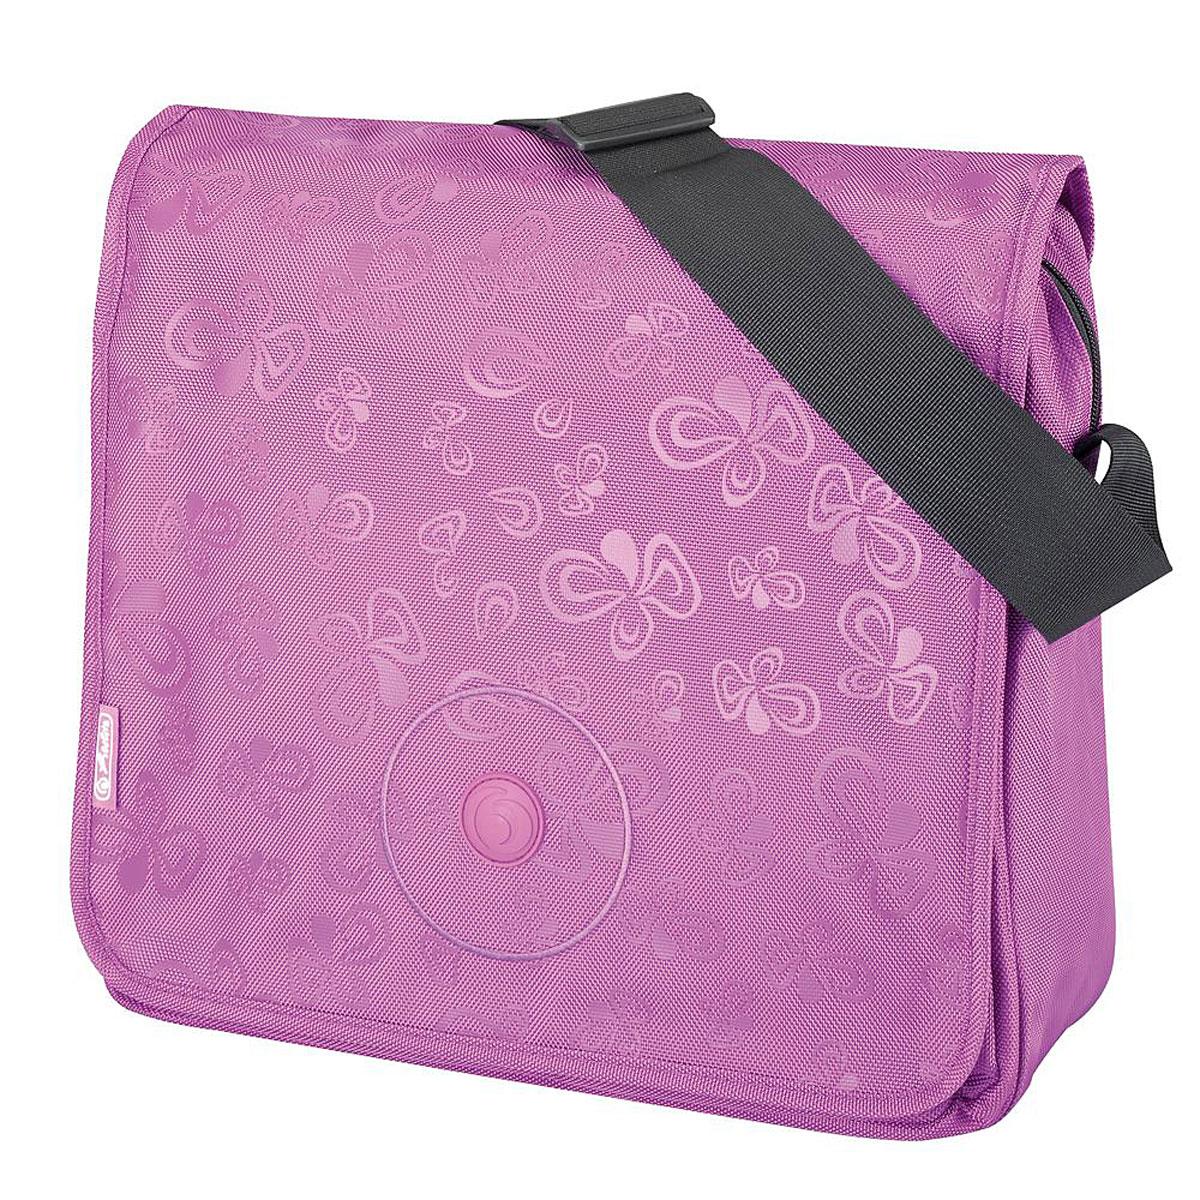 Herlitz Сумка школьная Be Bag Flower Splash Purple11281474Прочная и вместительная школьная сумка Herlitz Be Bag. Flower Splash Purple смотрится элегантно в любой ситуации. Сумка имеет одно отделение, которое закрывается на застежку-молнию и клапан. Внутри отделения находятся два открытых сетчатых кармана и врезной карман на молнии. Под клапаном с лицевой стороны расположен накладной карман на застежке-молнии, внутри которого находятся два открытых кармашка, карман-сетка, карман на застежке-молнии, три кармашка для канцелярских принадлежностей и пластиковый карабин для ключей. Клапан крепится на кнопках, его можно отстегнуть и использовать сумку без него. Широкая лямка регулируется по длине. Такую сумку можно использовать для повседневных прогулок, учебы, отдыха и спорта, а также как элемент вашего имиджа. Лаконичный и сдержанный дизайн подчеркнет индивидуальность и порадует своей функциональностью.